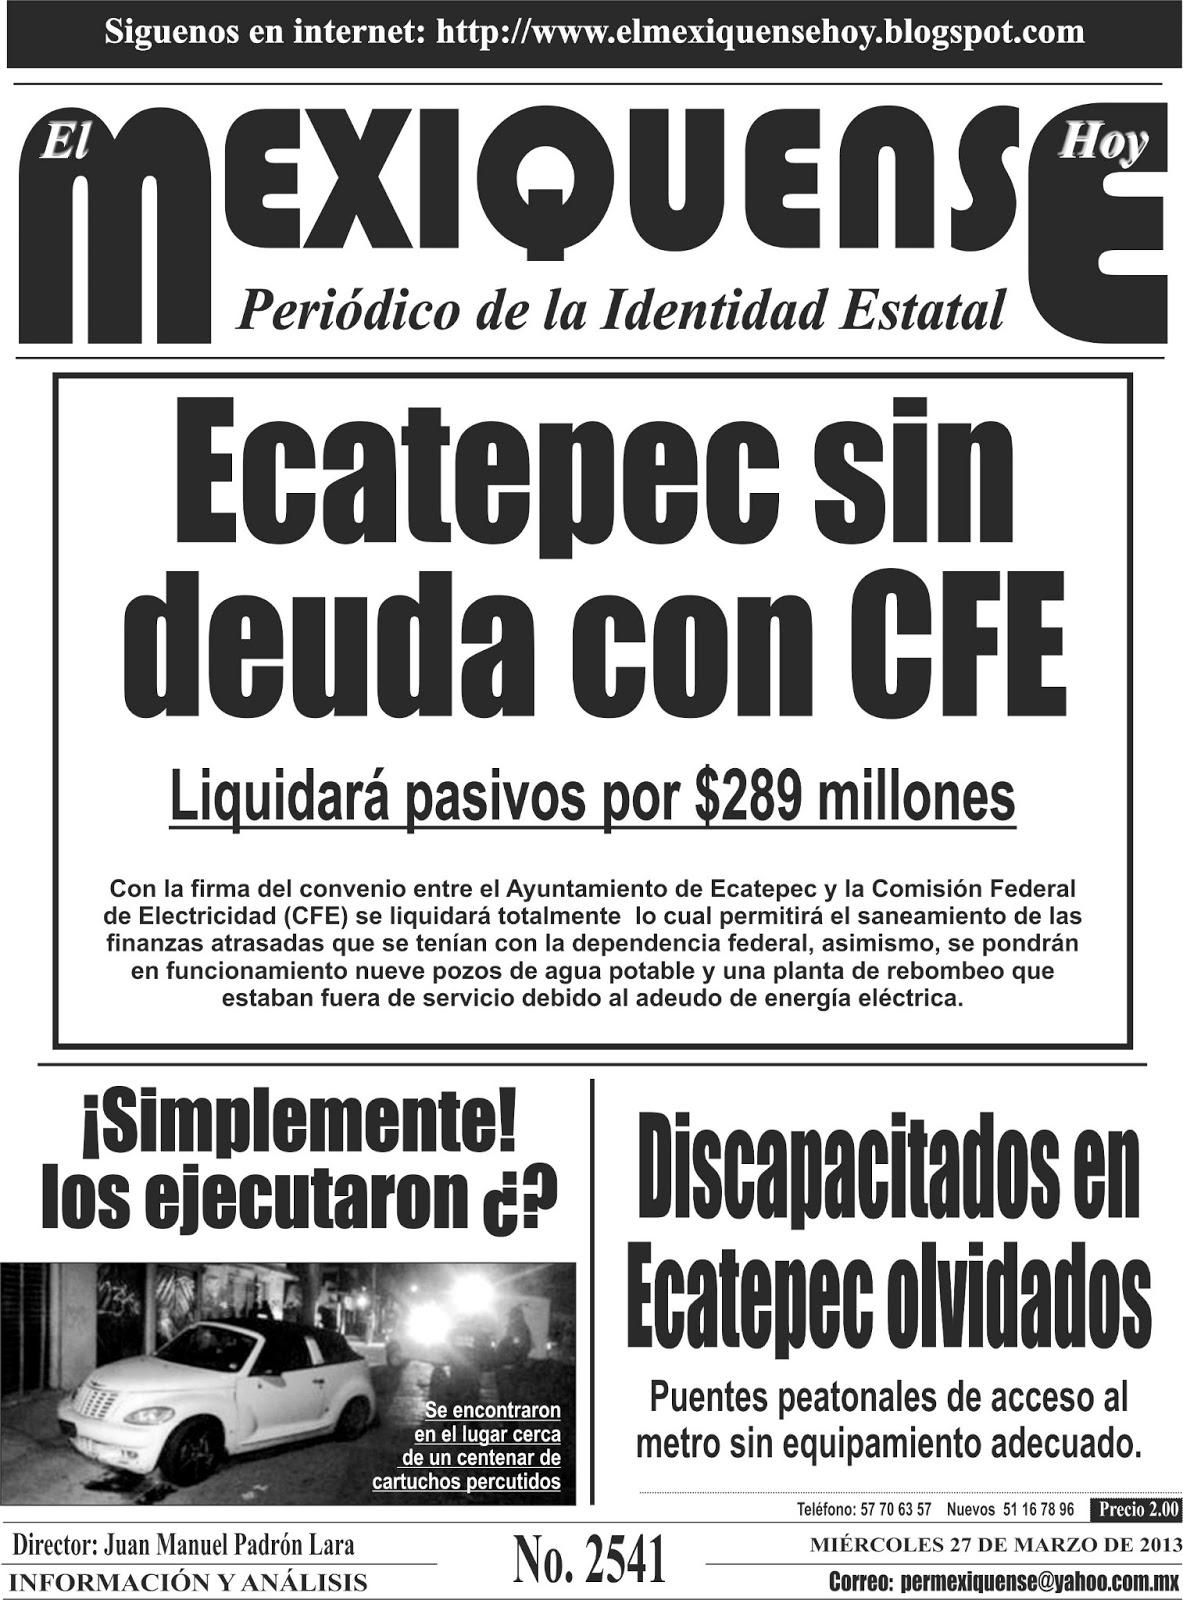 El mexiquense Hoy: 03/01/2013 - 04/01/2013